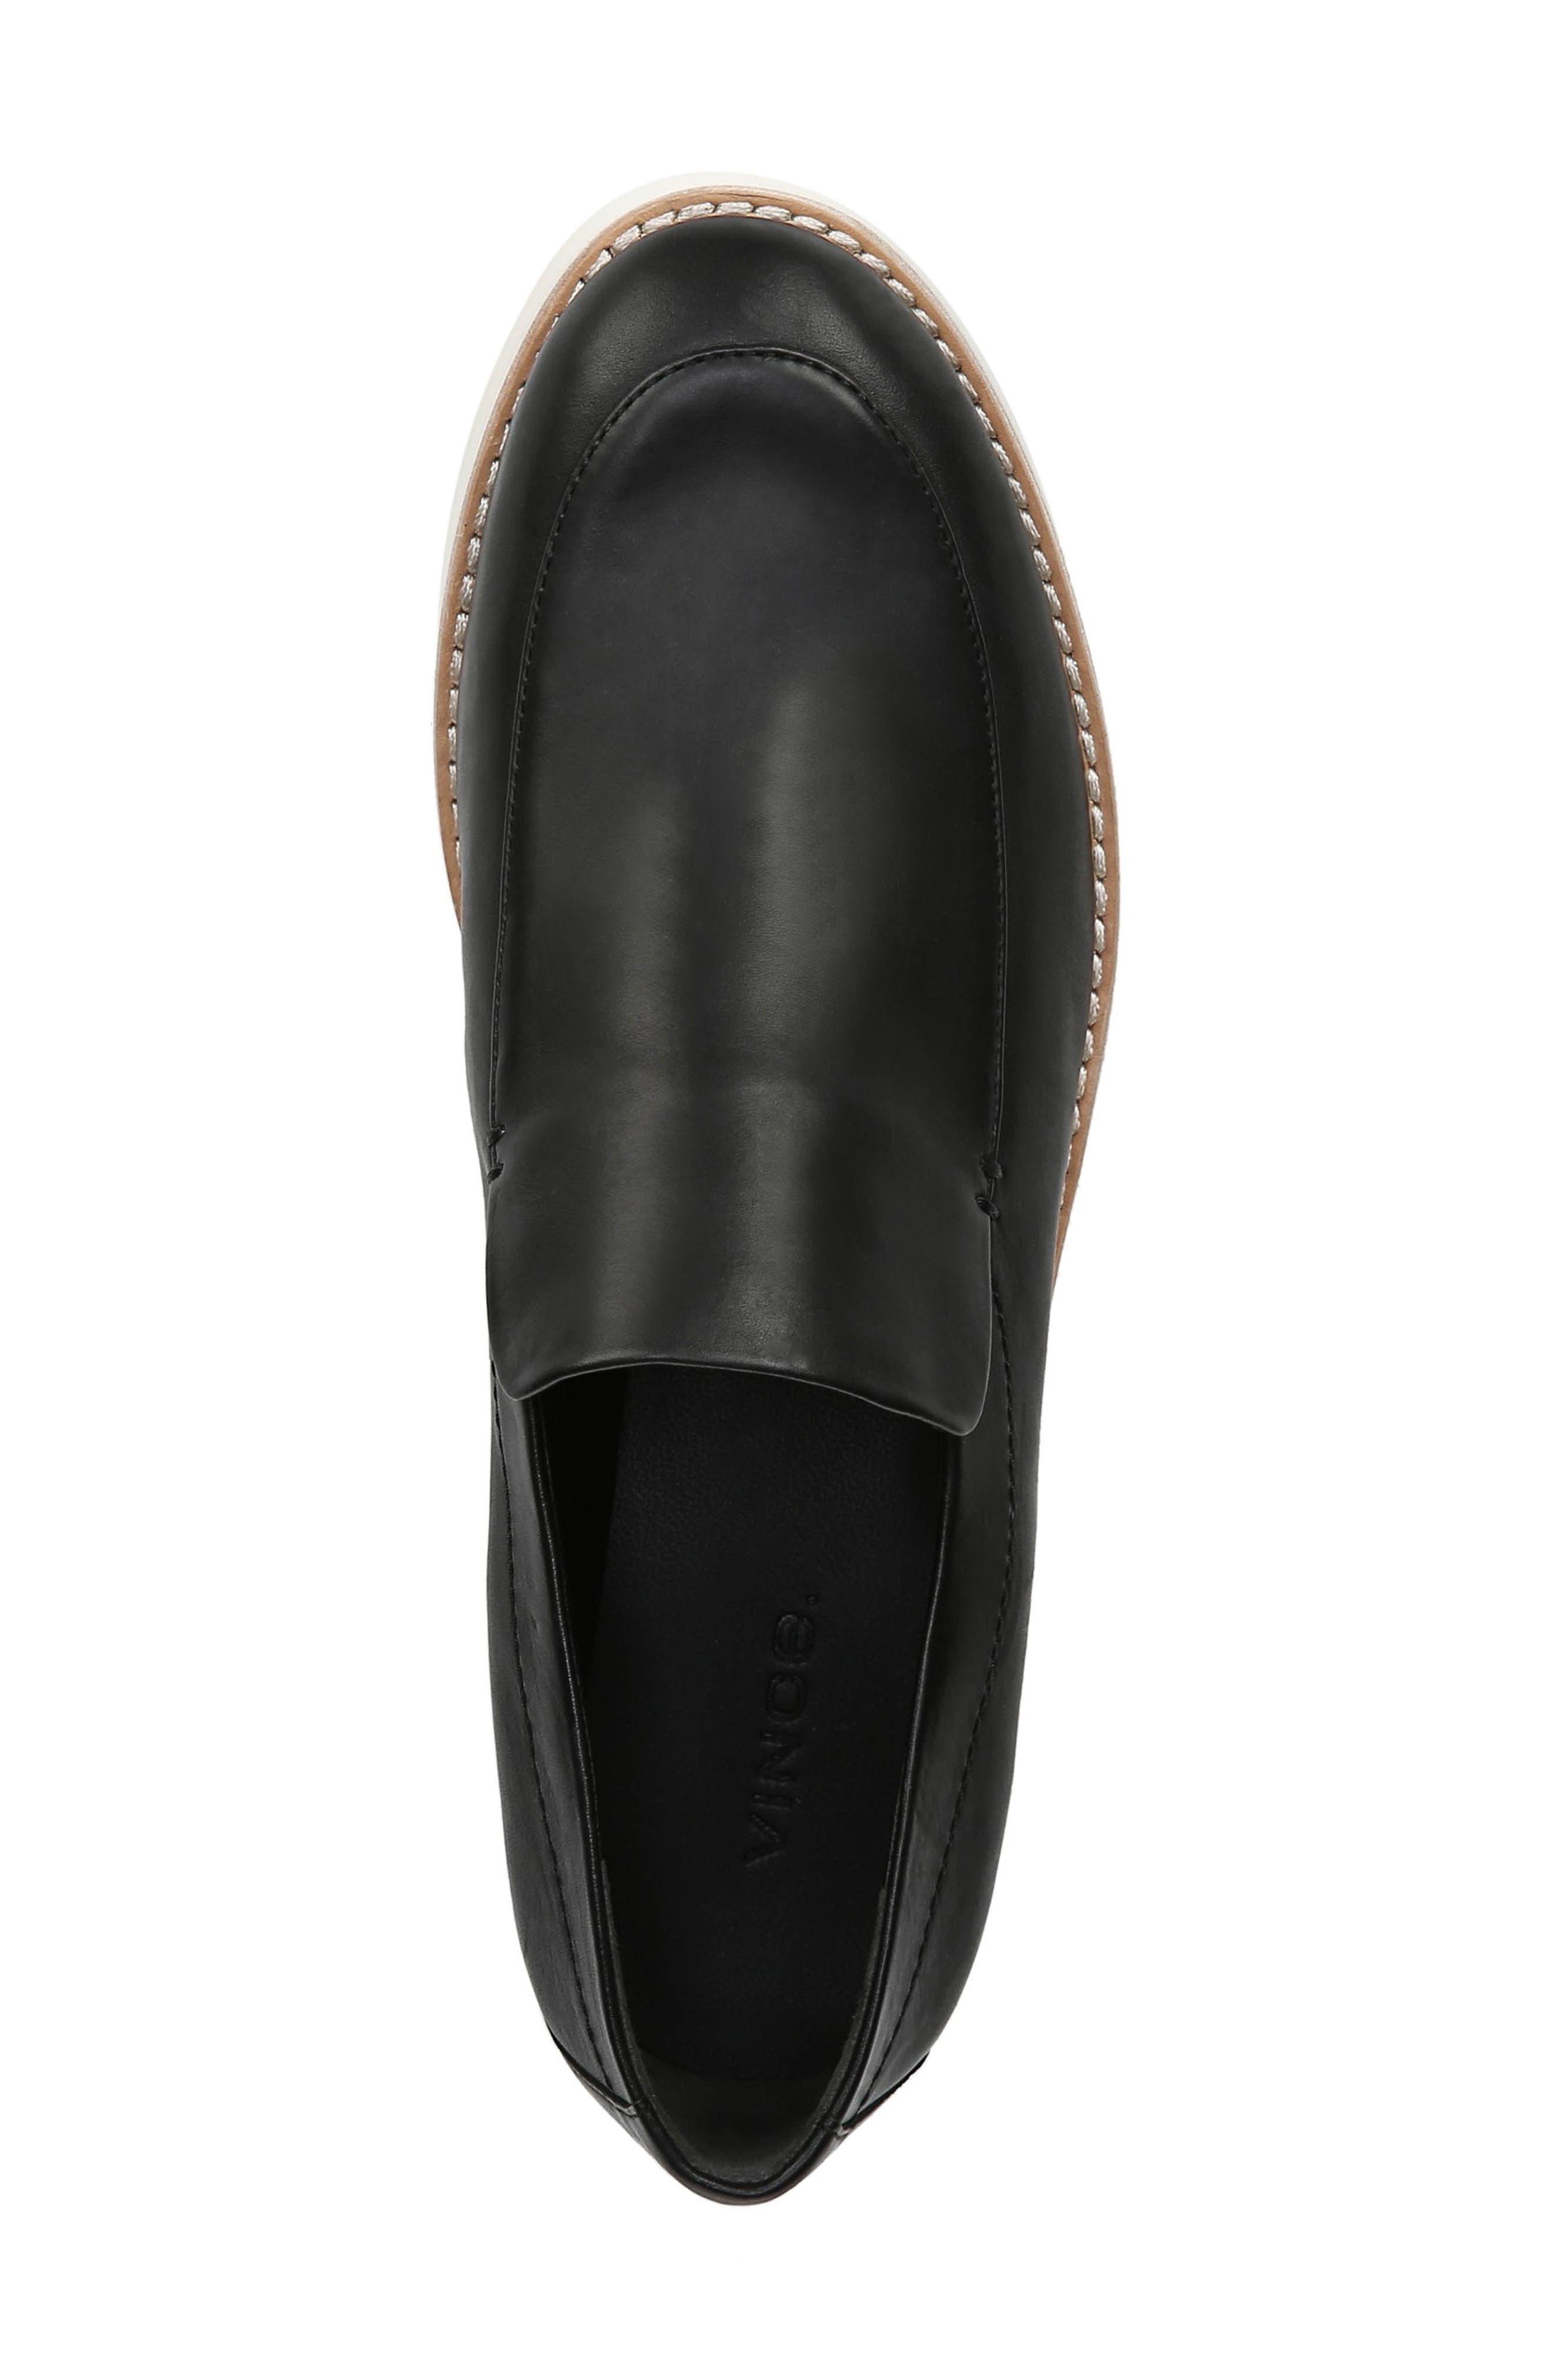 Zeta Platform Loafer,                             Alternate thumbnail 5, color,                             BLACK FOULARD LEATHER